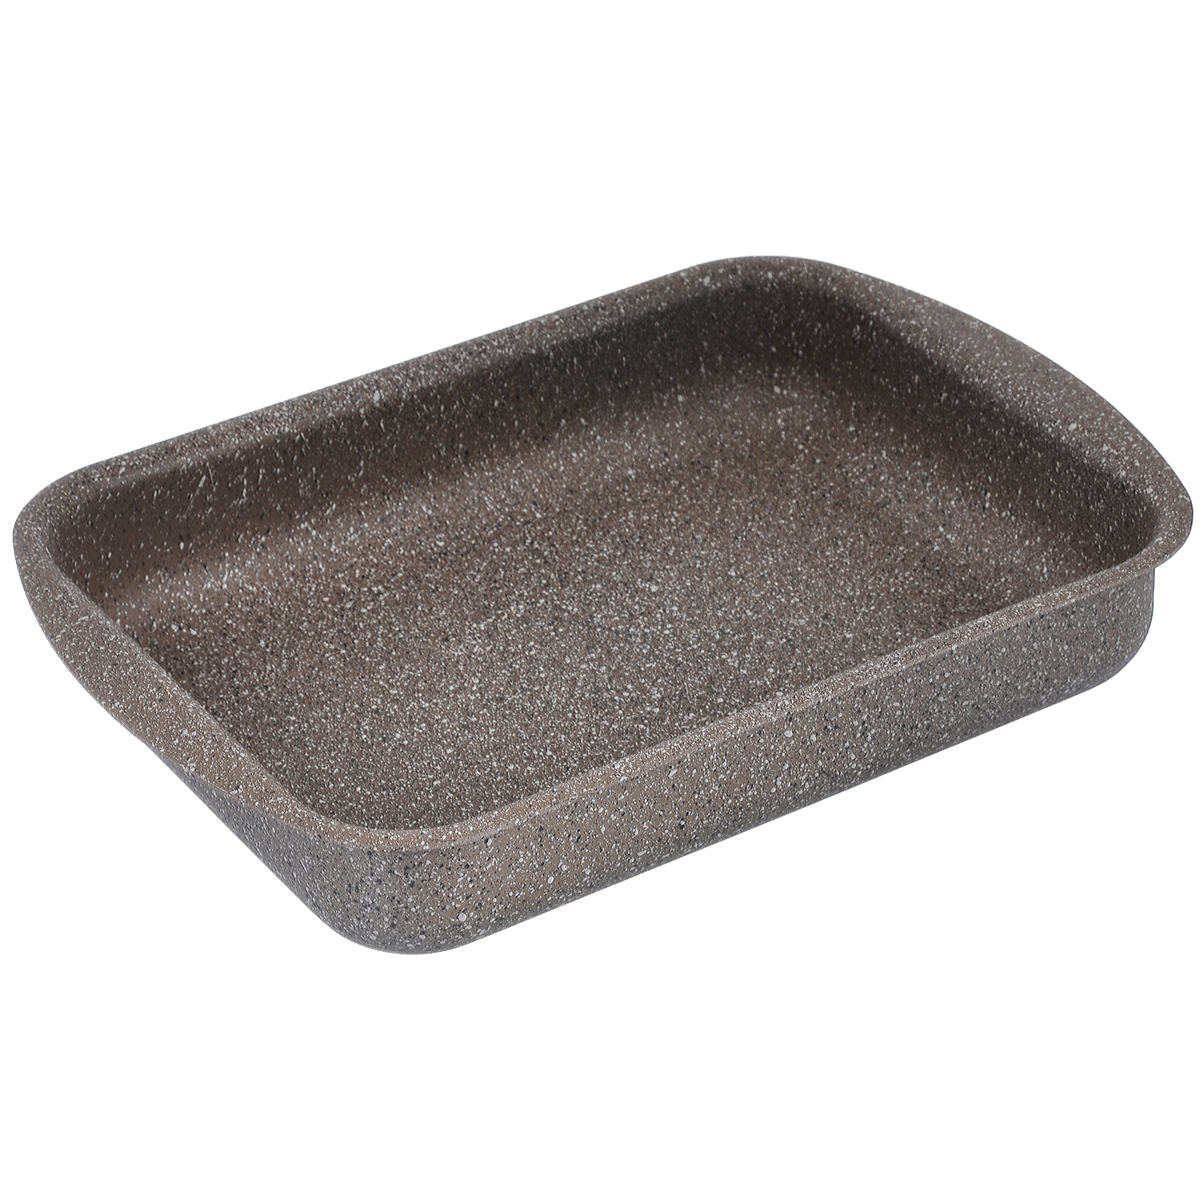 Противень TimA Art Granit, с антипригарным покрытием, прямоугольный, 31 см х 23 см х 6 см68/5/4Прямоугольный противень TimA Art Granit изготовлен из алюминия с антипригарным покрытием. Пятислойное сверхпрочное антипригарное покрытие нового поколения серии Art Granit состоит из нескольких слоев каменной крошки с высоким содержанием минералов. Это обеспечивает максимальный антипригарный эффект для приготовления блюд любой сложности и устойчивость к царапинам и истиранию. Возможно использование металлических столовых приборов.Утолщенное дно способствует равномерному распределению и сохранению тепла, что позволяет доводить блюдо до готовности без источника тепла. Посуда не боится перегрева, не выделяет опасных компонентов даже при высоких температурах. Покрытие абсолютно экологично, не содержит PFOA, примесей кадмия и свинца. Легко моется. Подходит для духового шкафа. Можно мыть в посудомоечной машине. Внутренний размер противня: 31 см х 23 см. Размер противня (с учетом ручек): 36 см х 25 см. Высота стенки: 6 см.